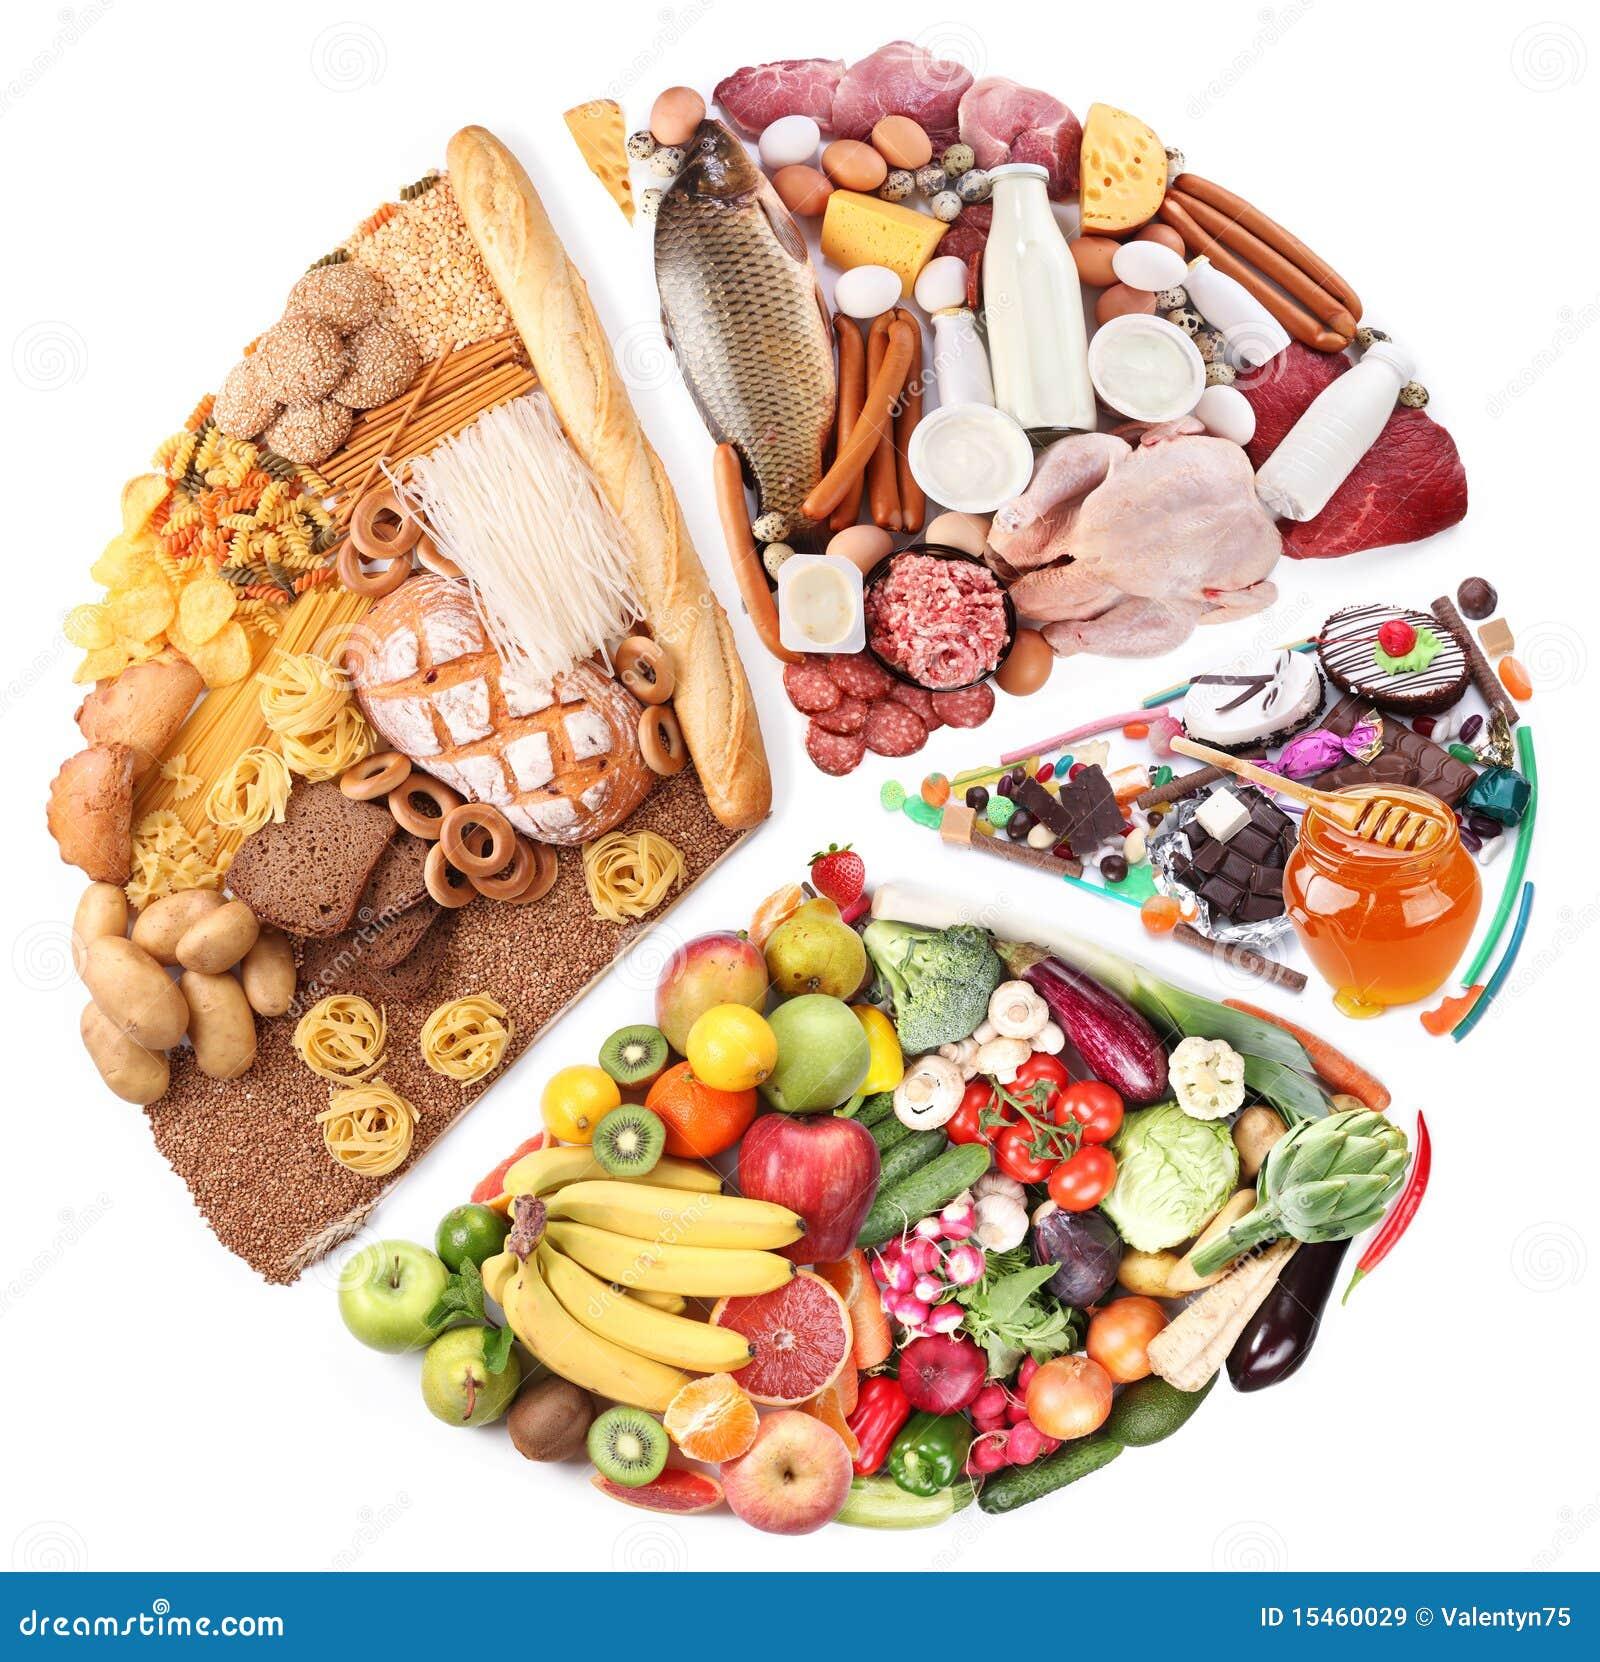 Правильное питание для похудения рецепты 11